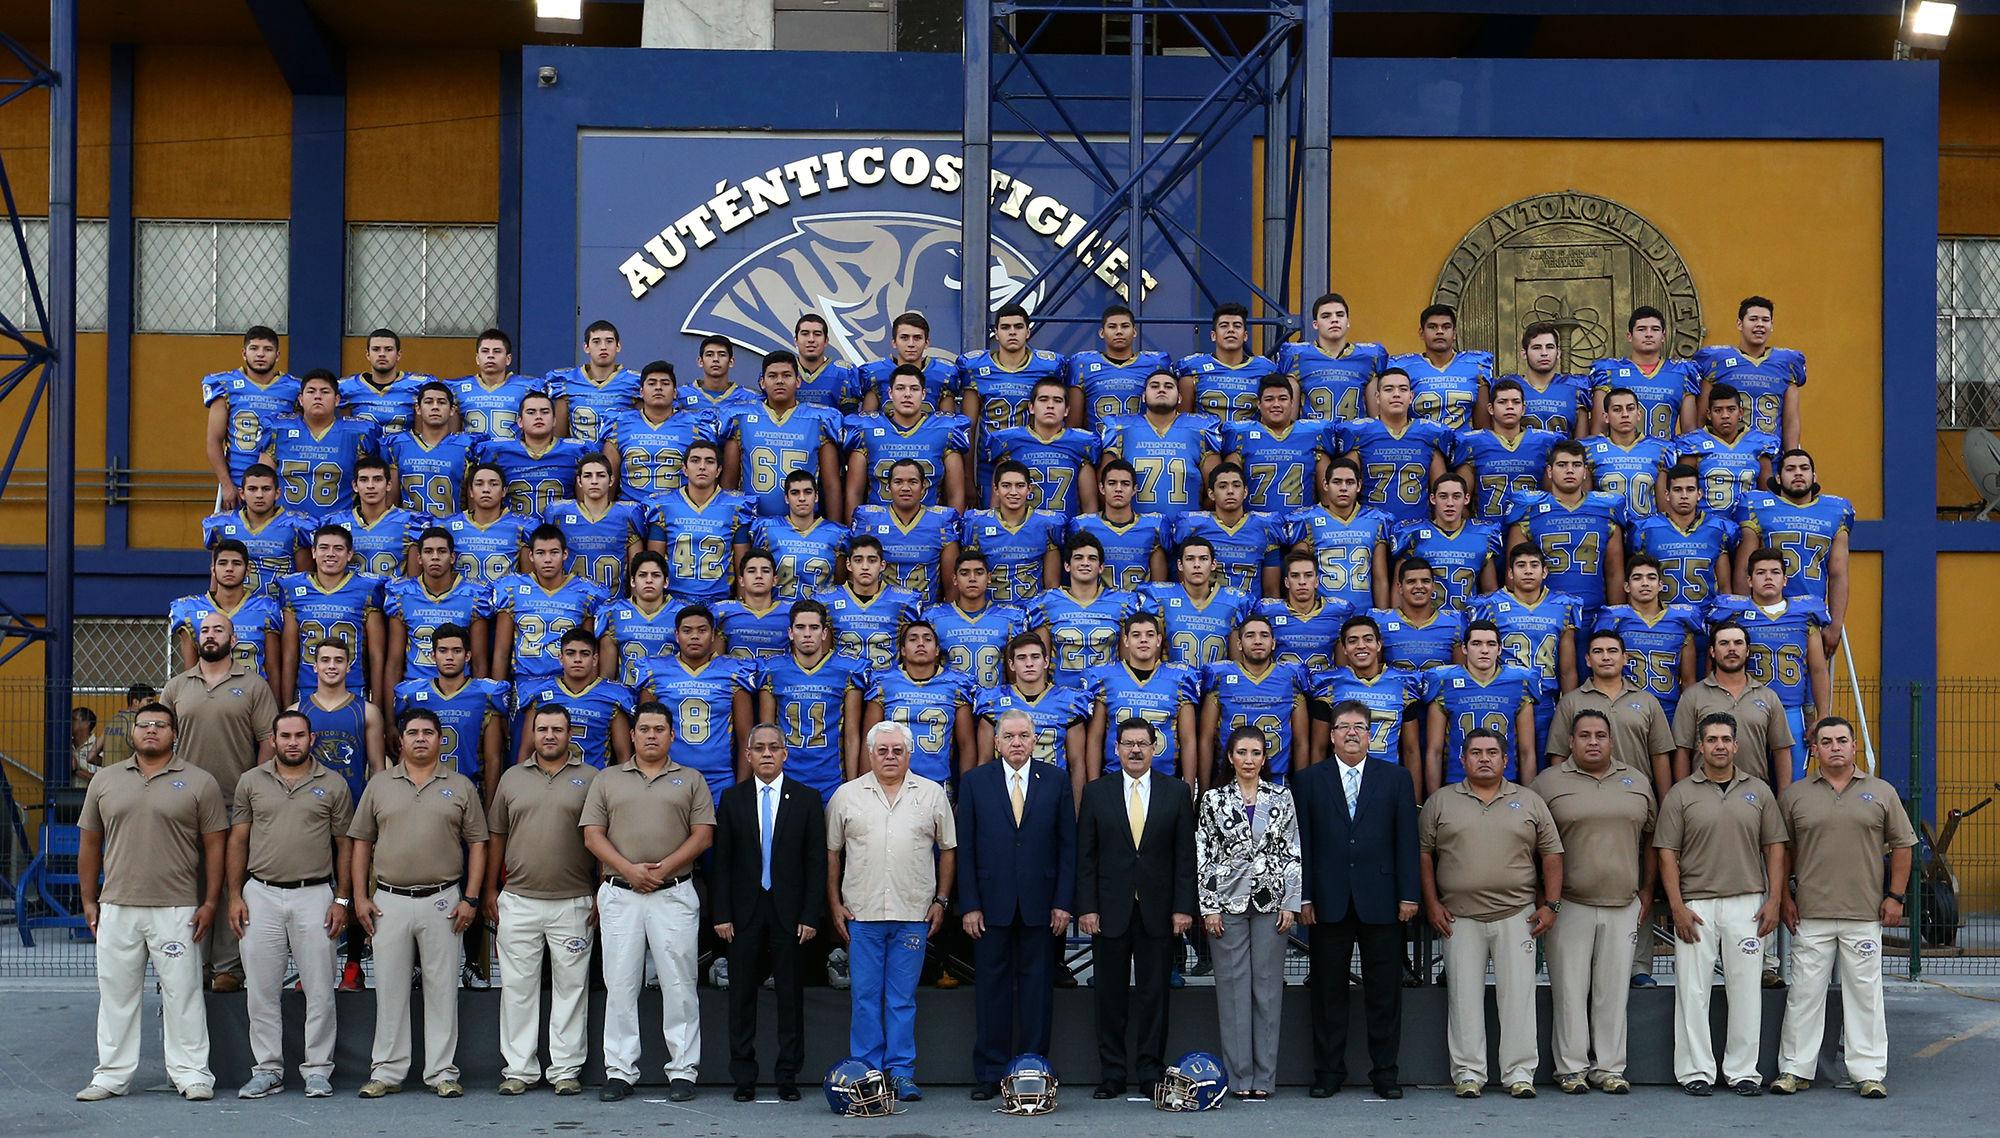 El equipo de Auténticos Tigres categoría juvenil, se tomó la fotografía oficial en el Estadio Raymundo